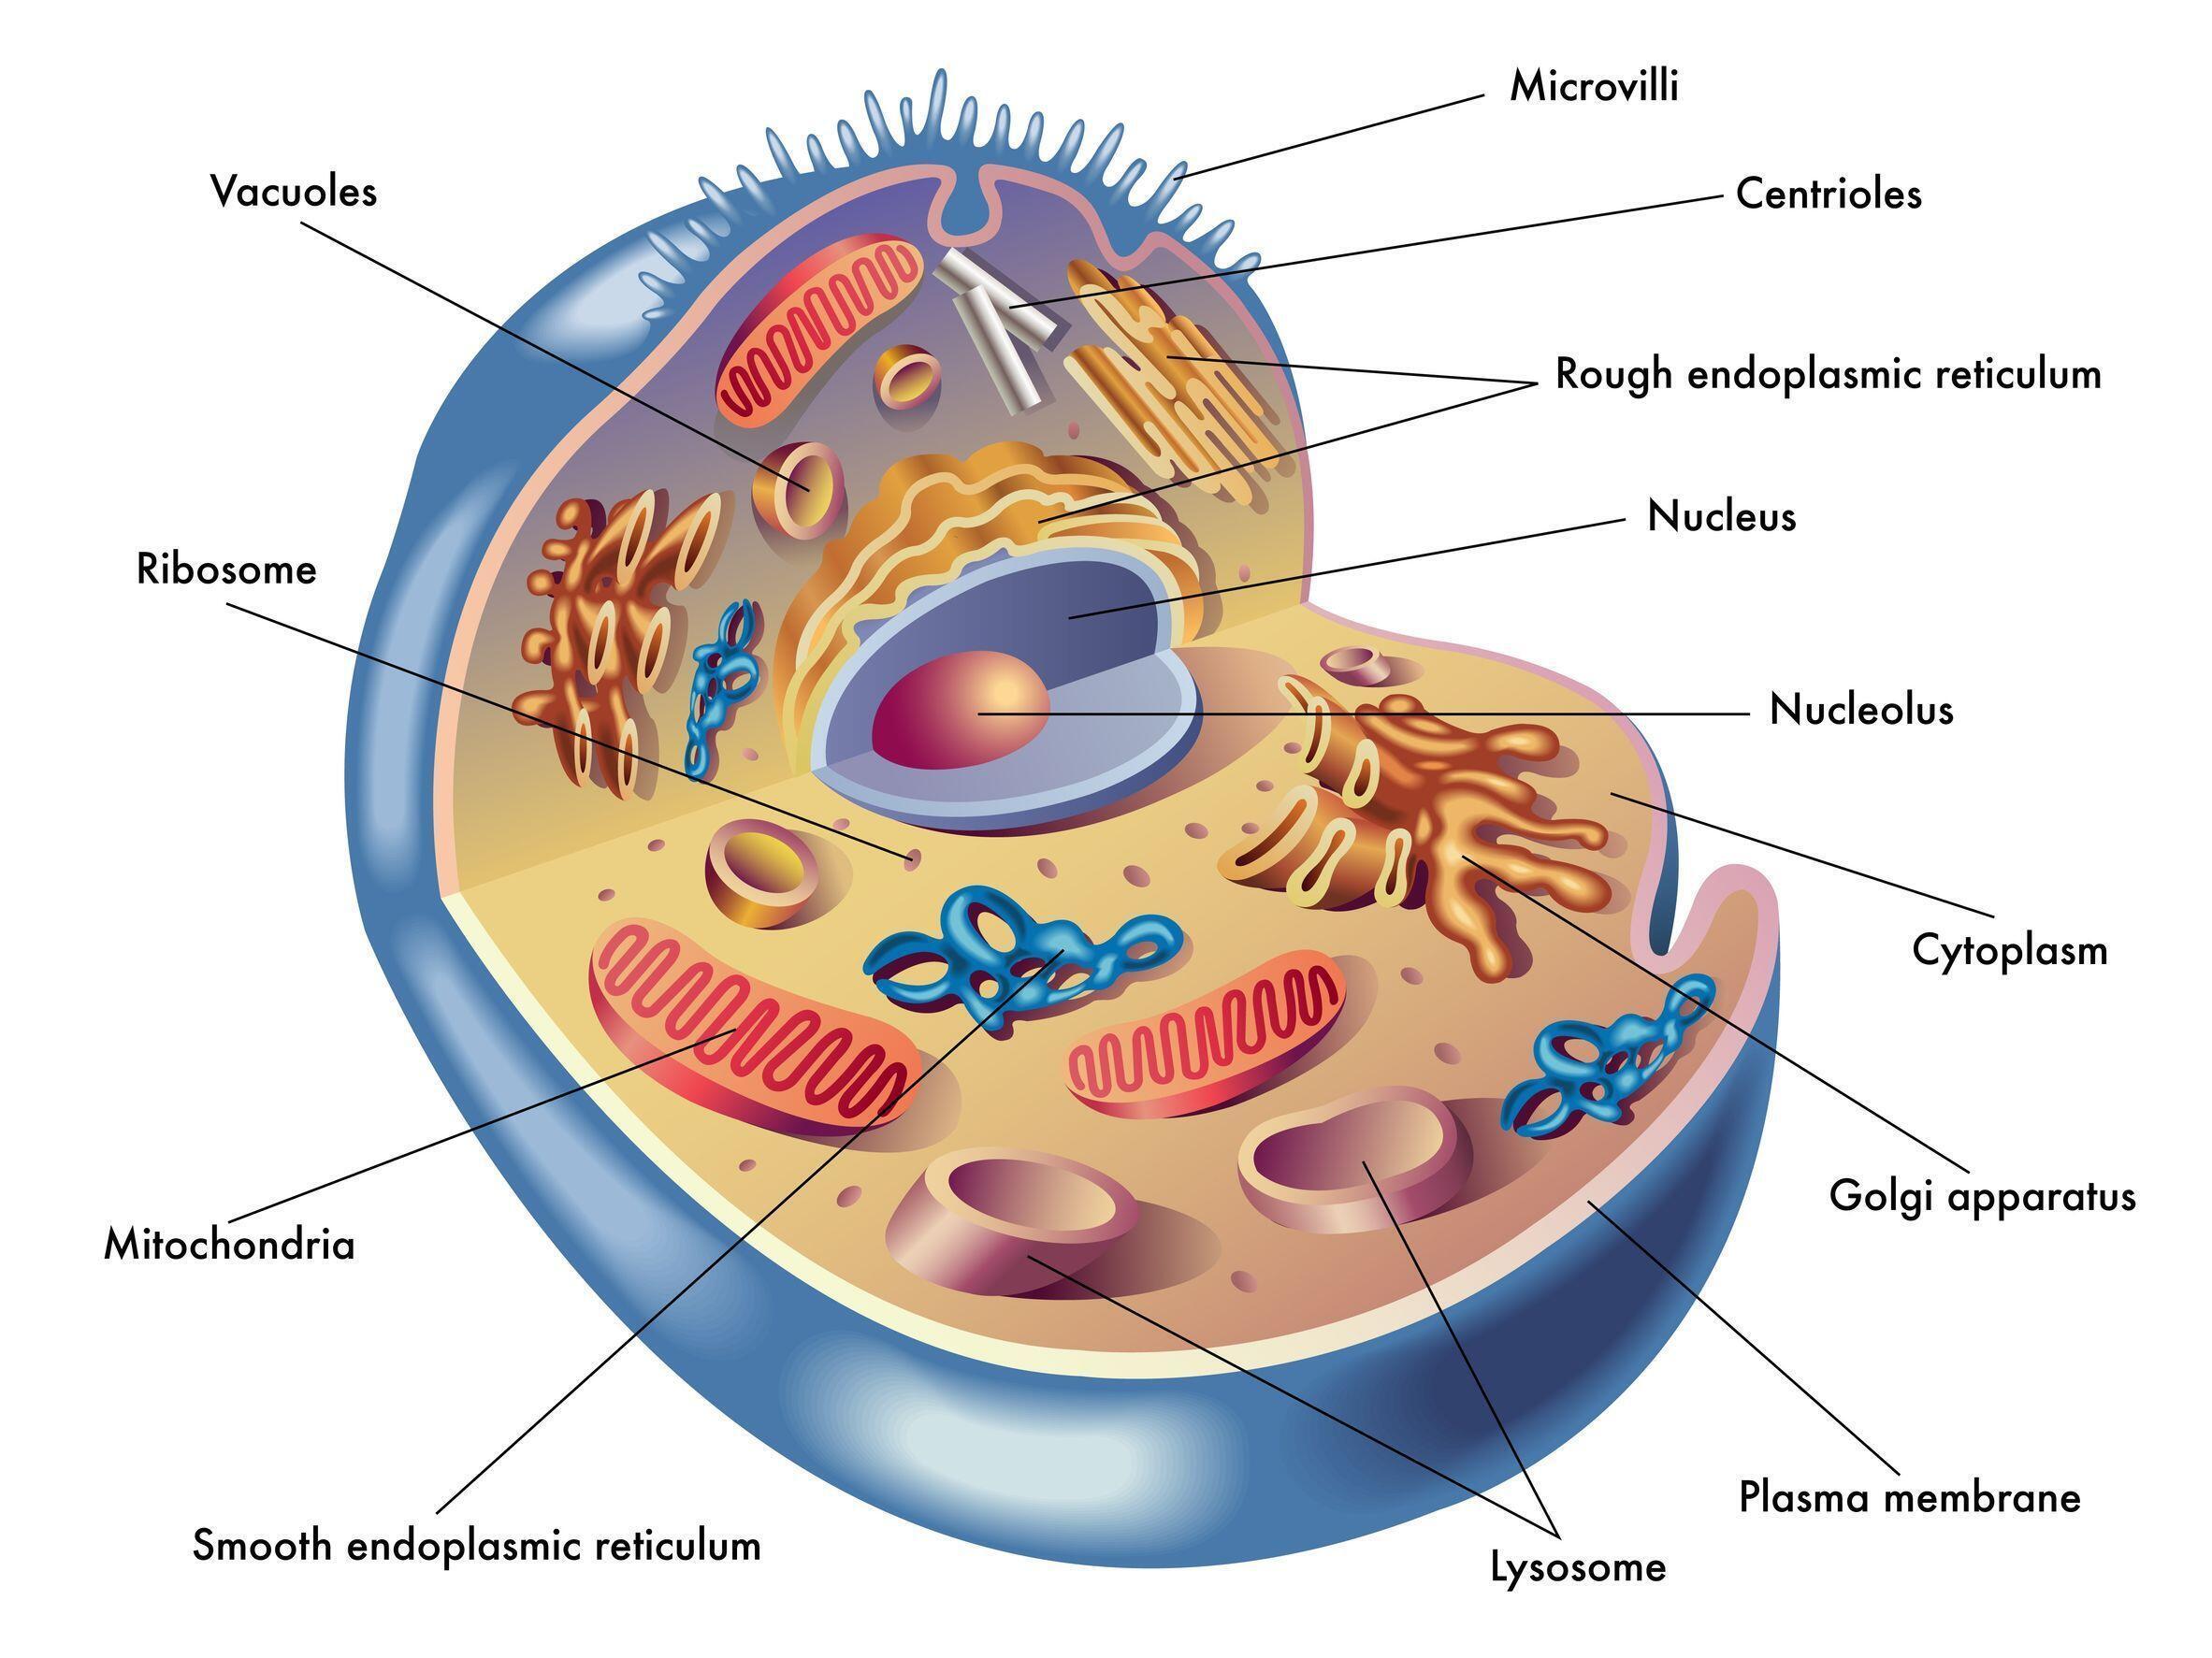 Una célula eucariota y sus componentes. En ella se pueden observar las mitocondrias en forma de cápsulas alargadas.